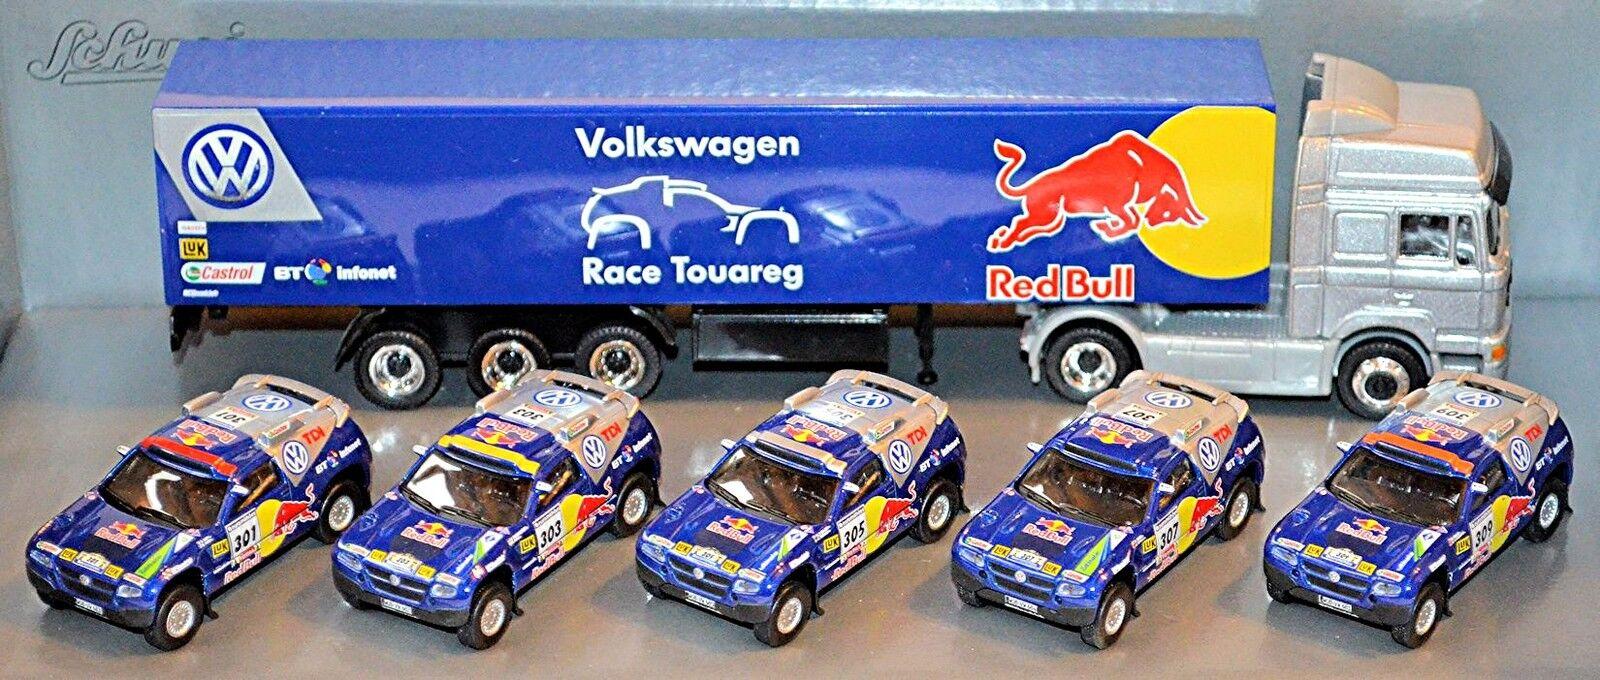 VW Course Touareg 2 Jahresset 2006 Lacs Dakar rojo Bull 5 X Voiture Particulière